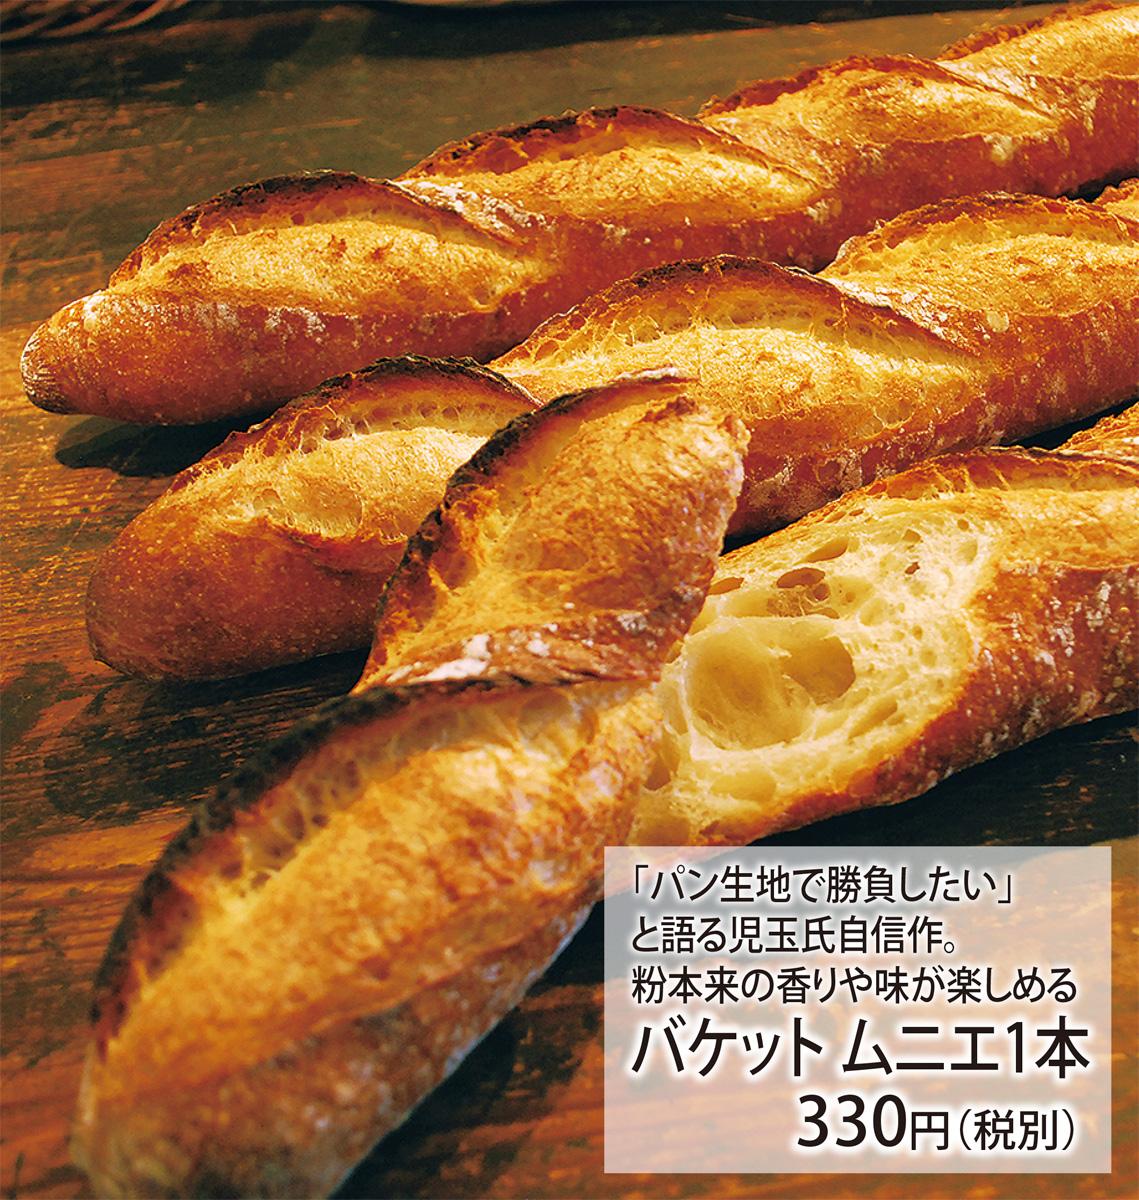 パン好き女子が通う、味の理由(ワケ)